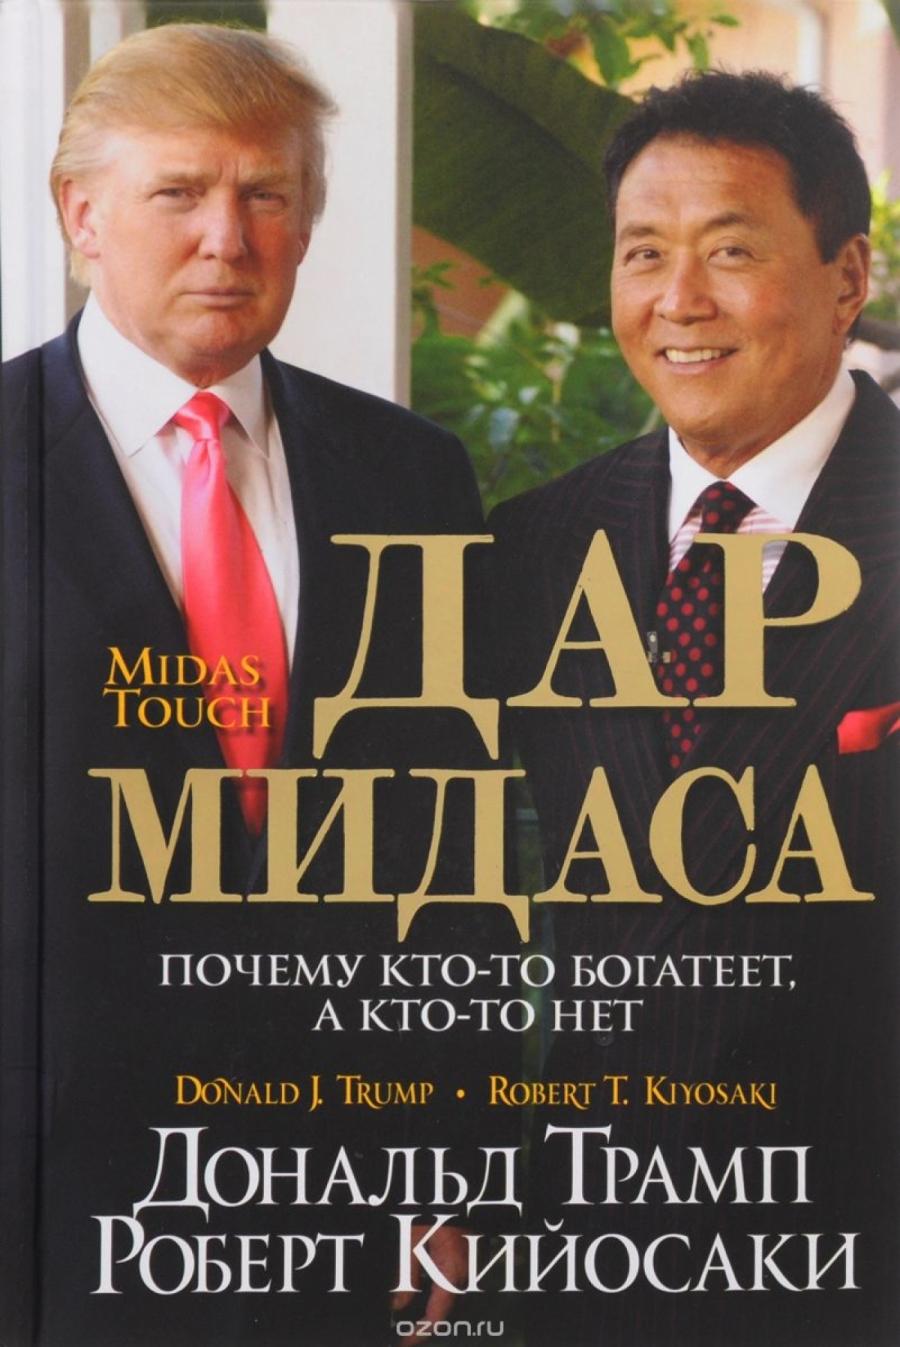 Обложка книги:  богатый папа - трамп д., кийосаки р. - дар мидаса